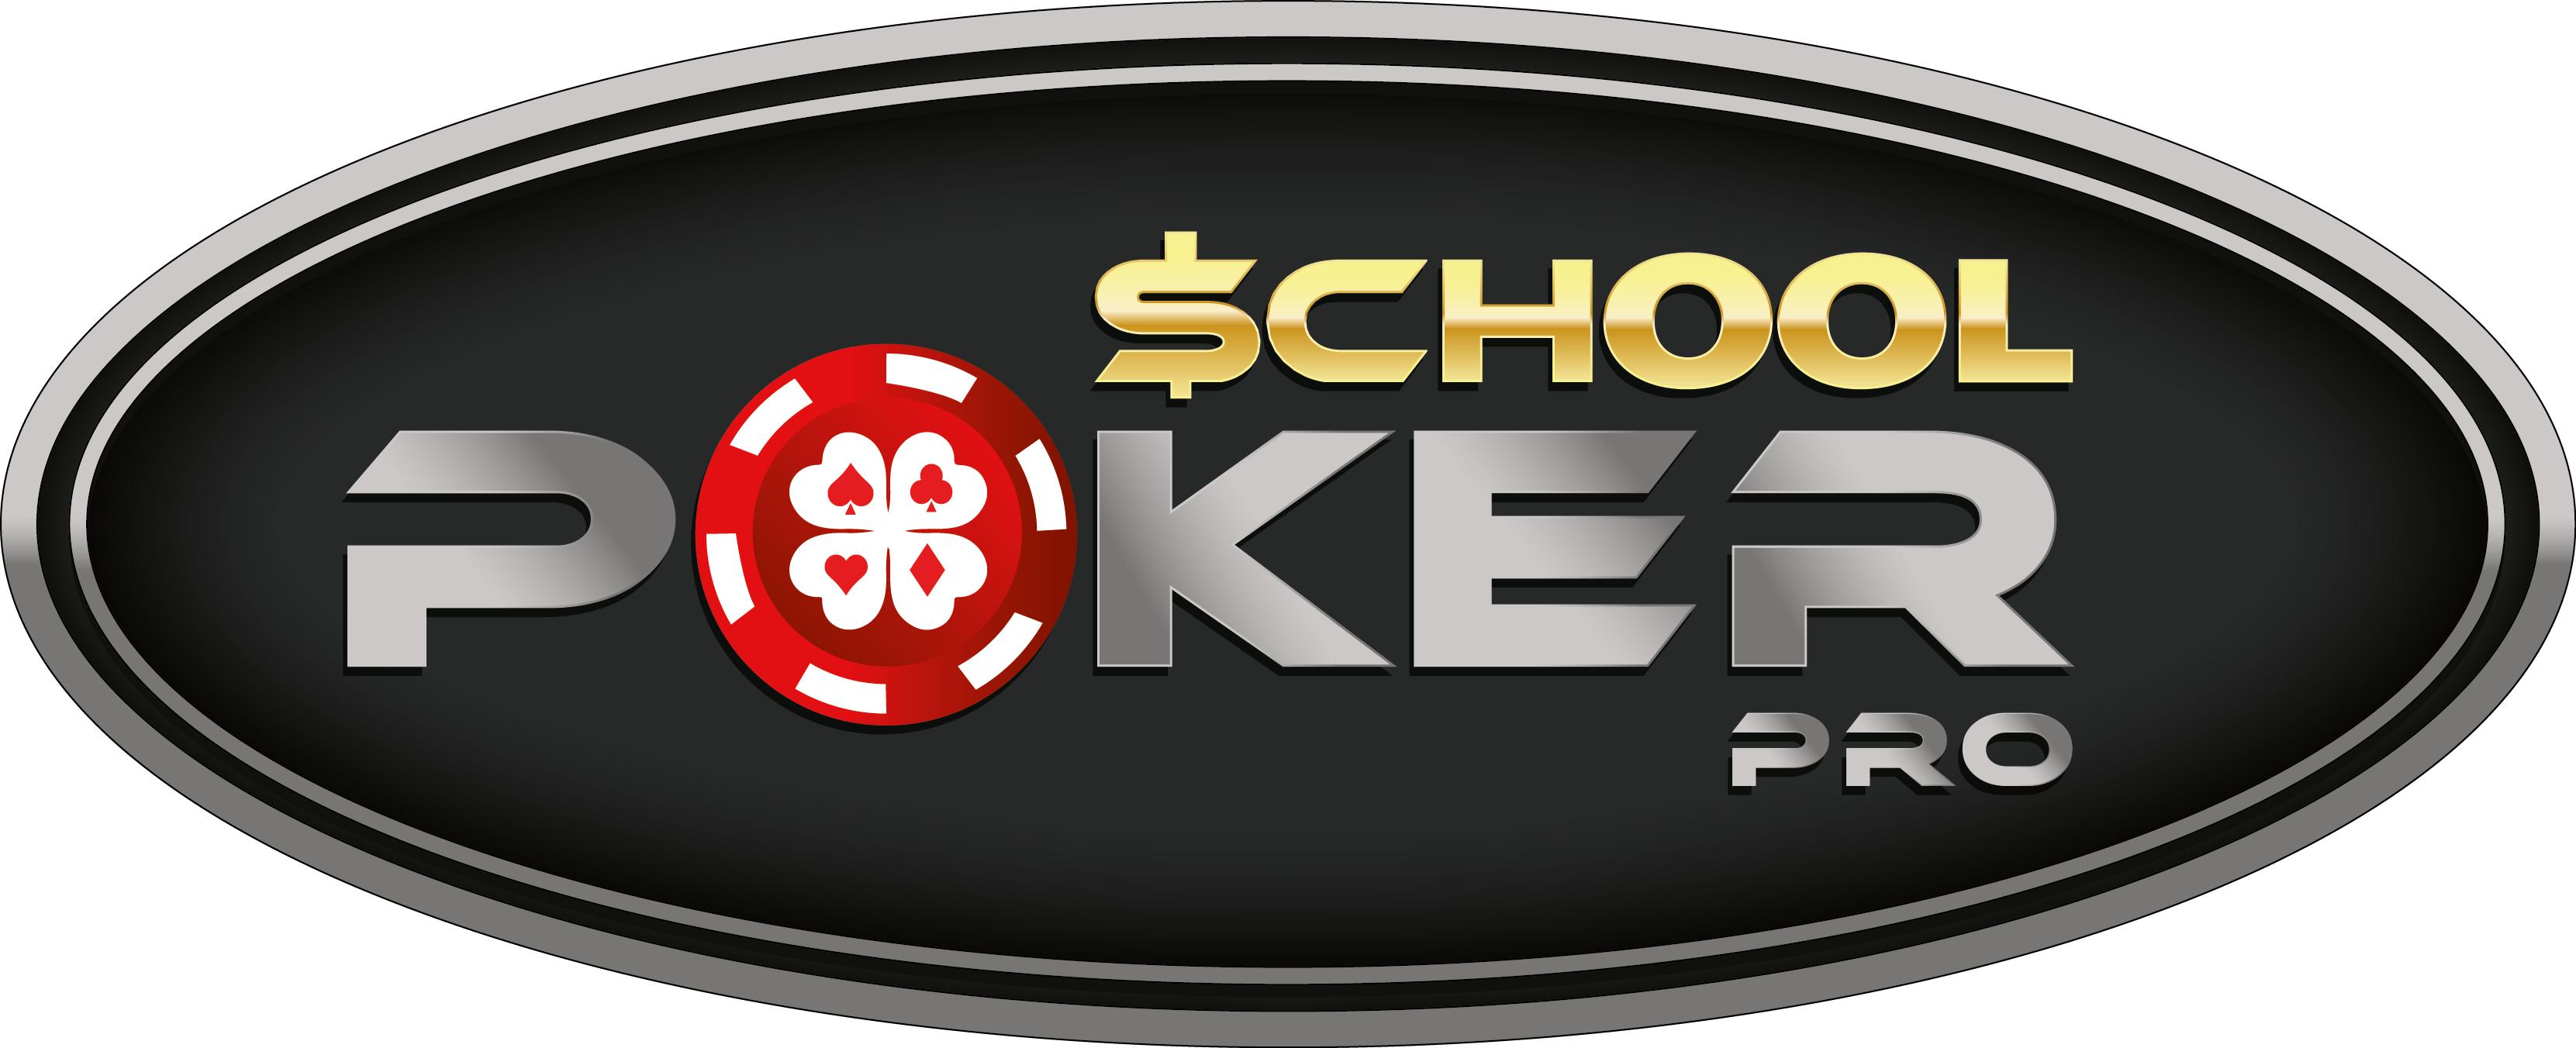 < School Poker Pro